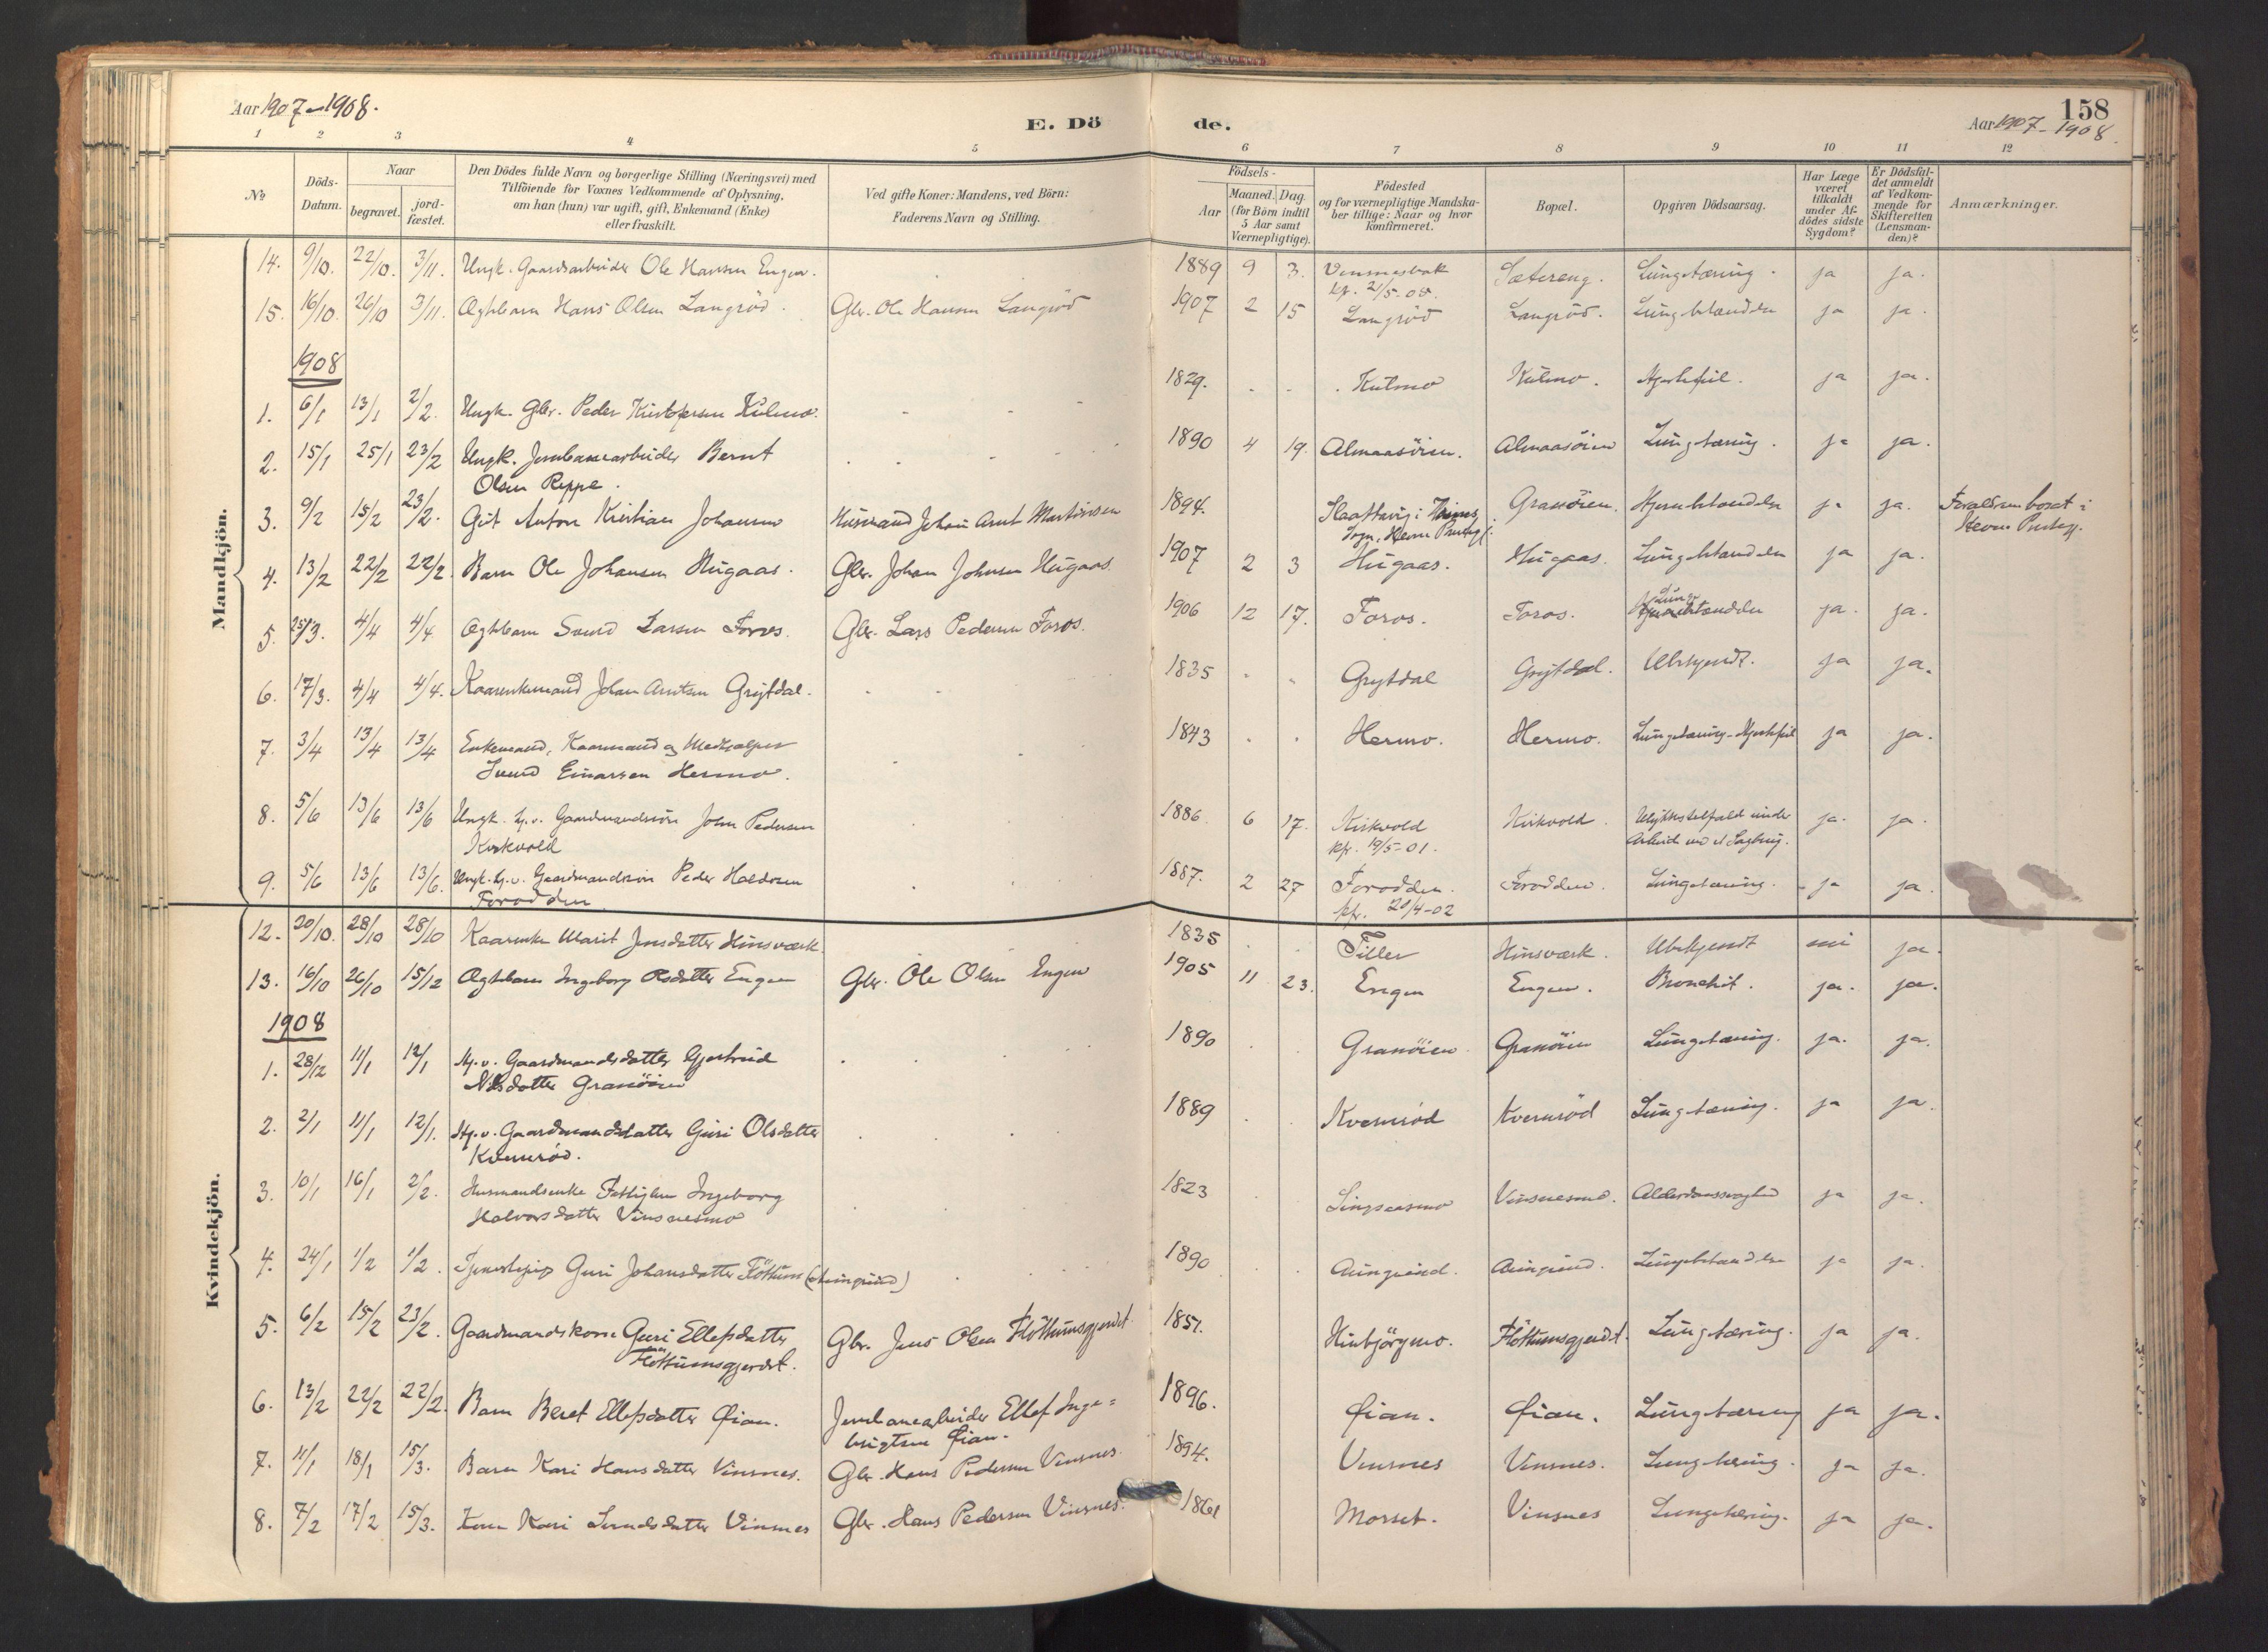 SAT, Ministerialprotokoller, klokkerbøker og fødselsregistre - Sør-Trøndelag, 688/L1025: Ministerialbok nr. 688A02, 1891-1909, s. 158